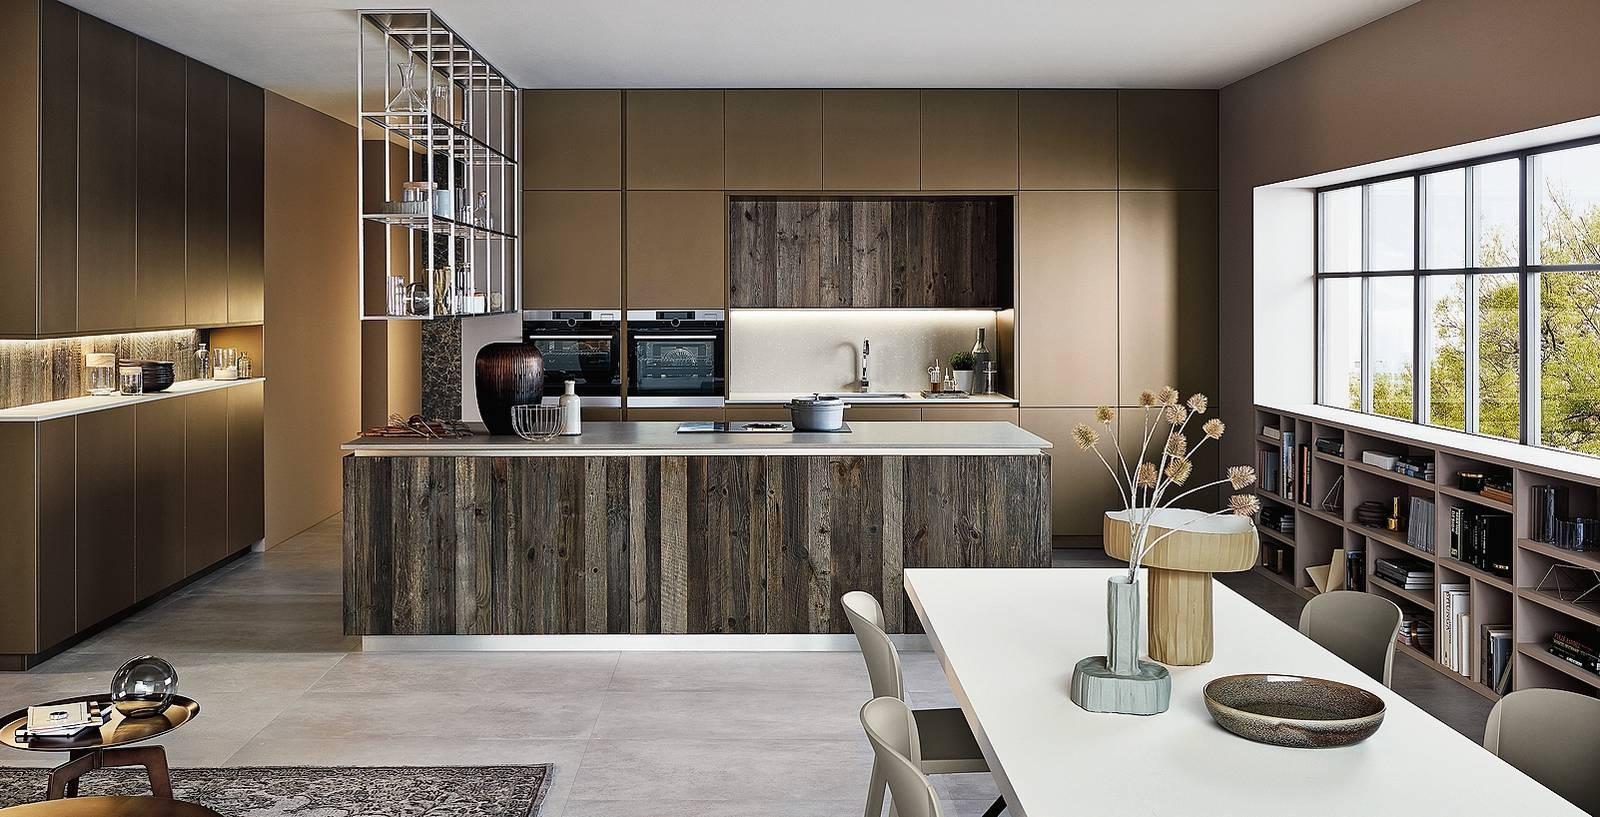 Tubo Per Cappa Cucina Design progettare la zona cottura sull'isola - cose di casa